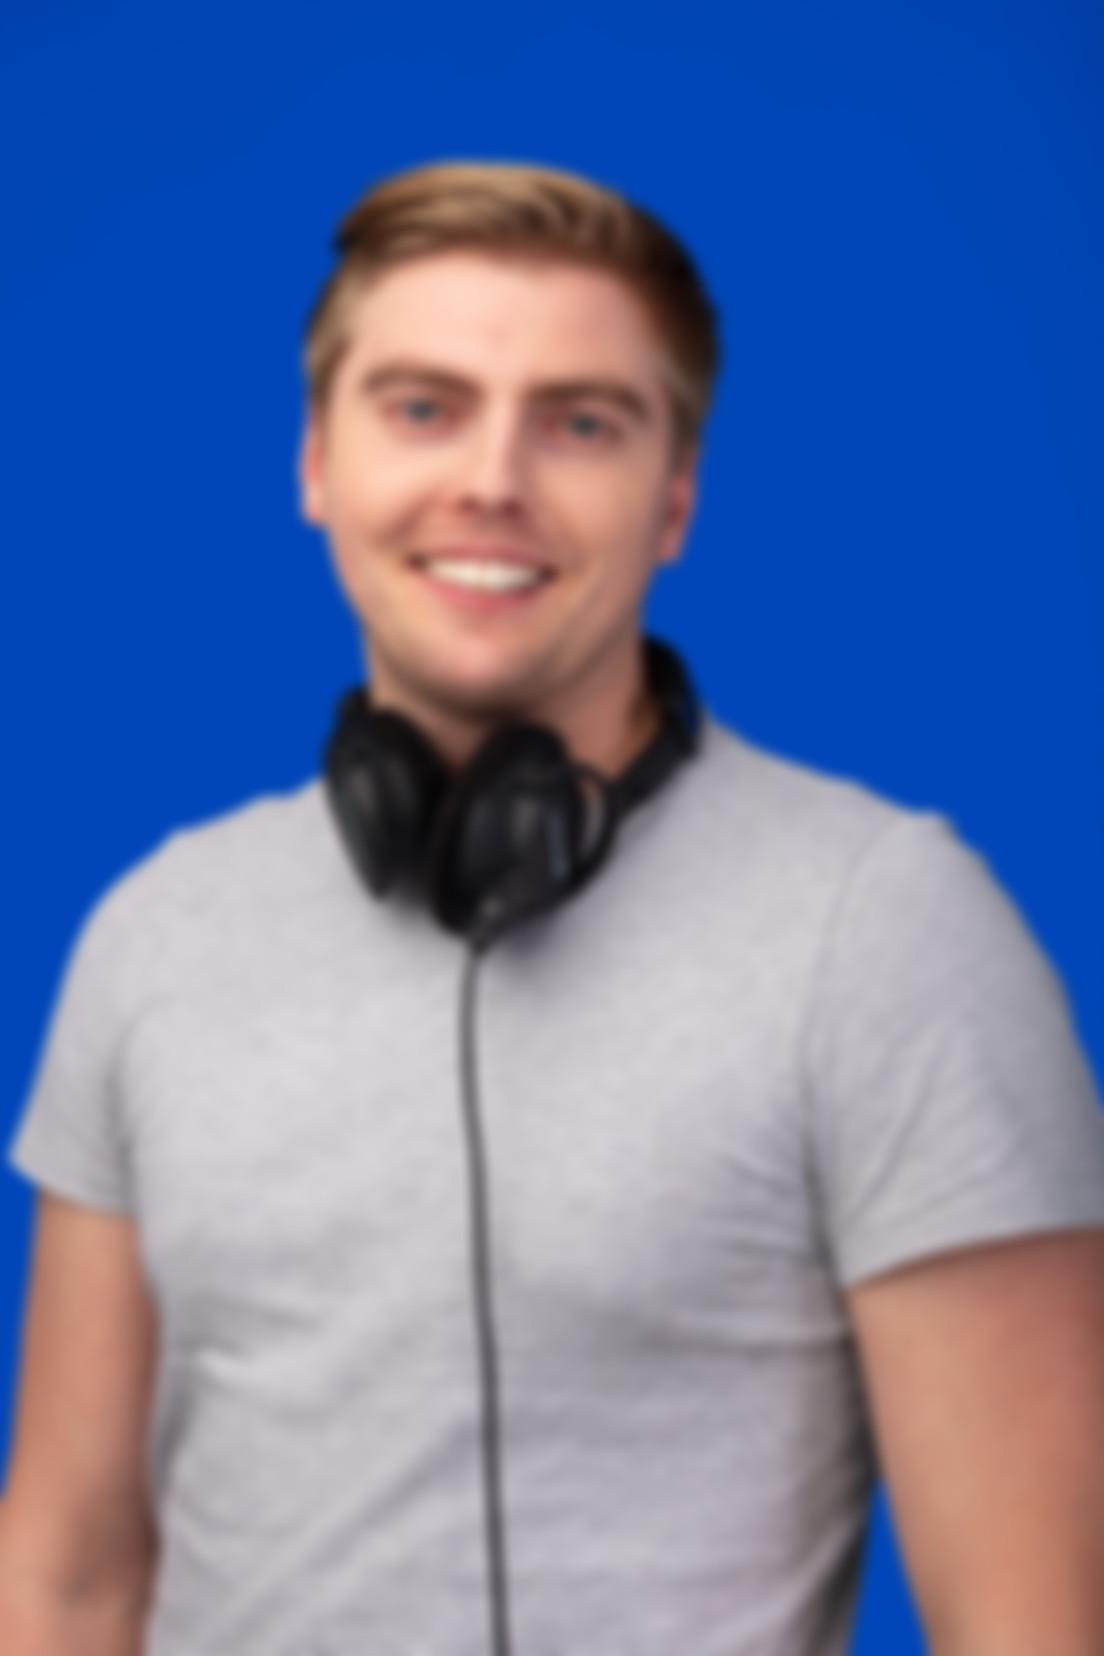 Zdjęcie na niebieskim tle Mateusza